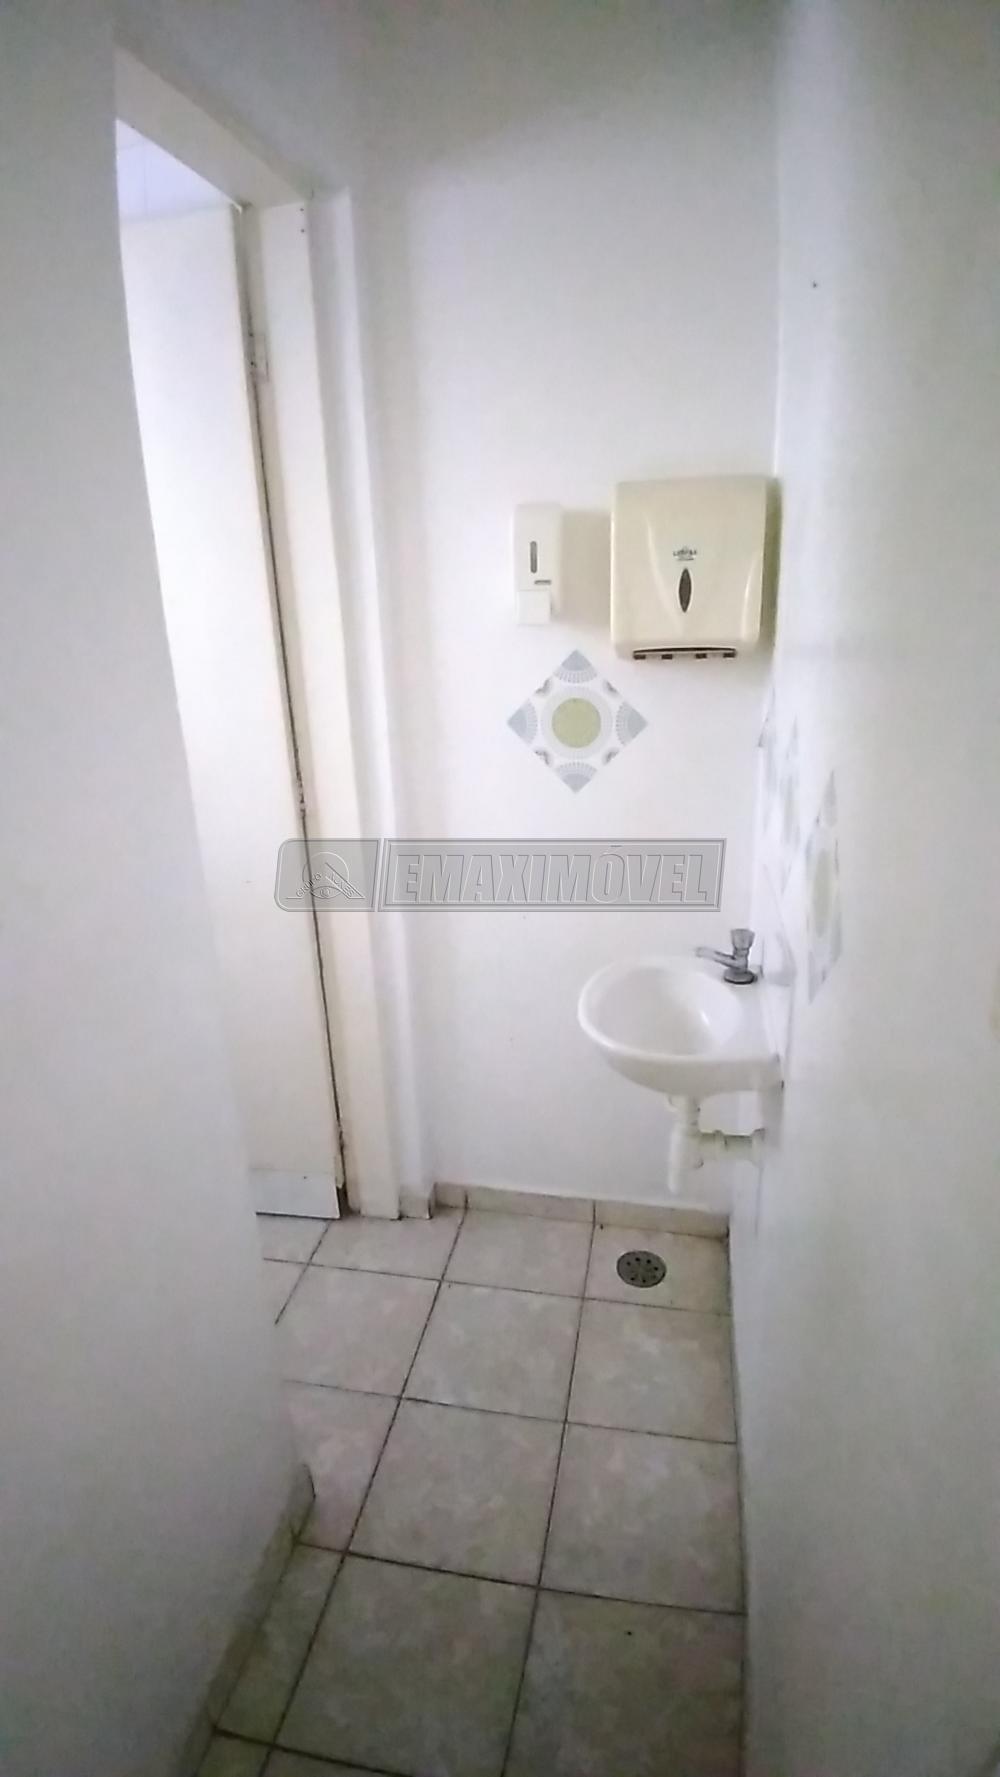 Alugar Comercial / Imóveis em Sorocaba R$ 3.000,00 - Foto 11